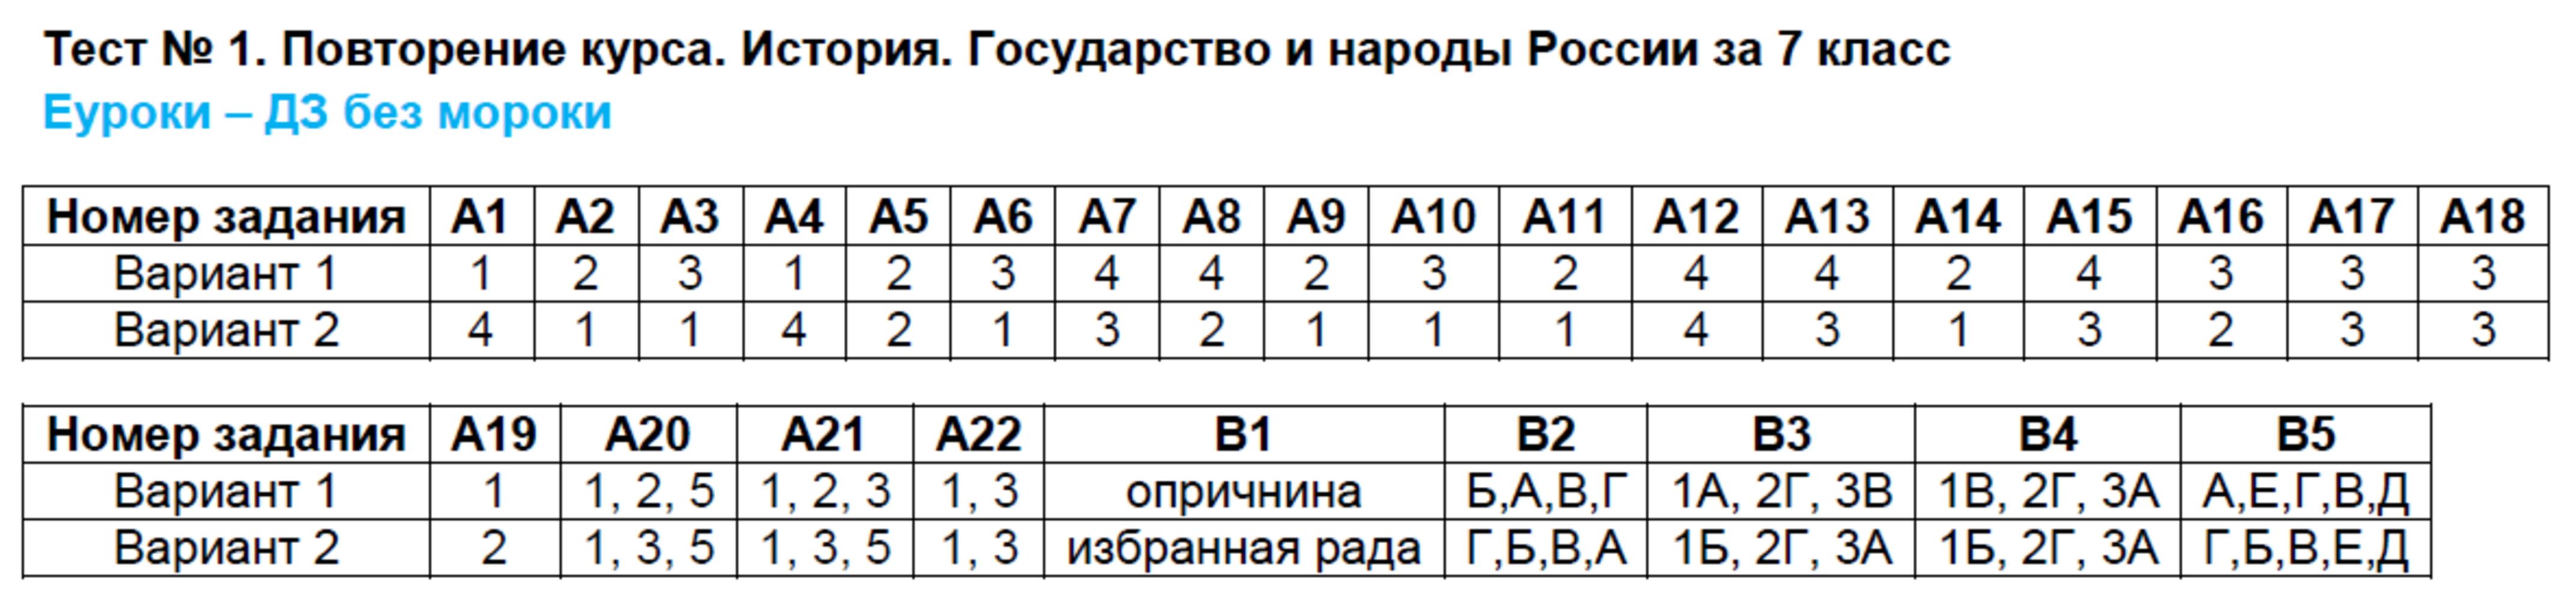 Тестовые задания 1: Вариант 1 - решение